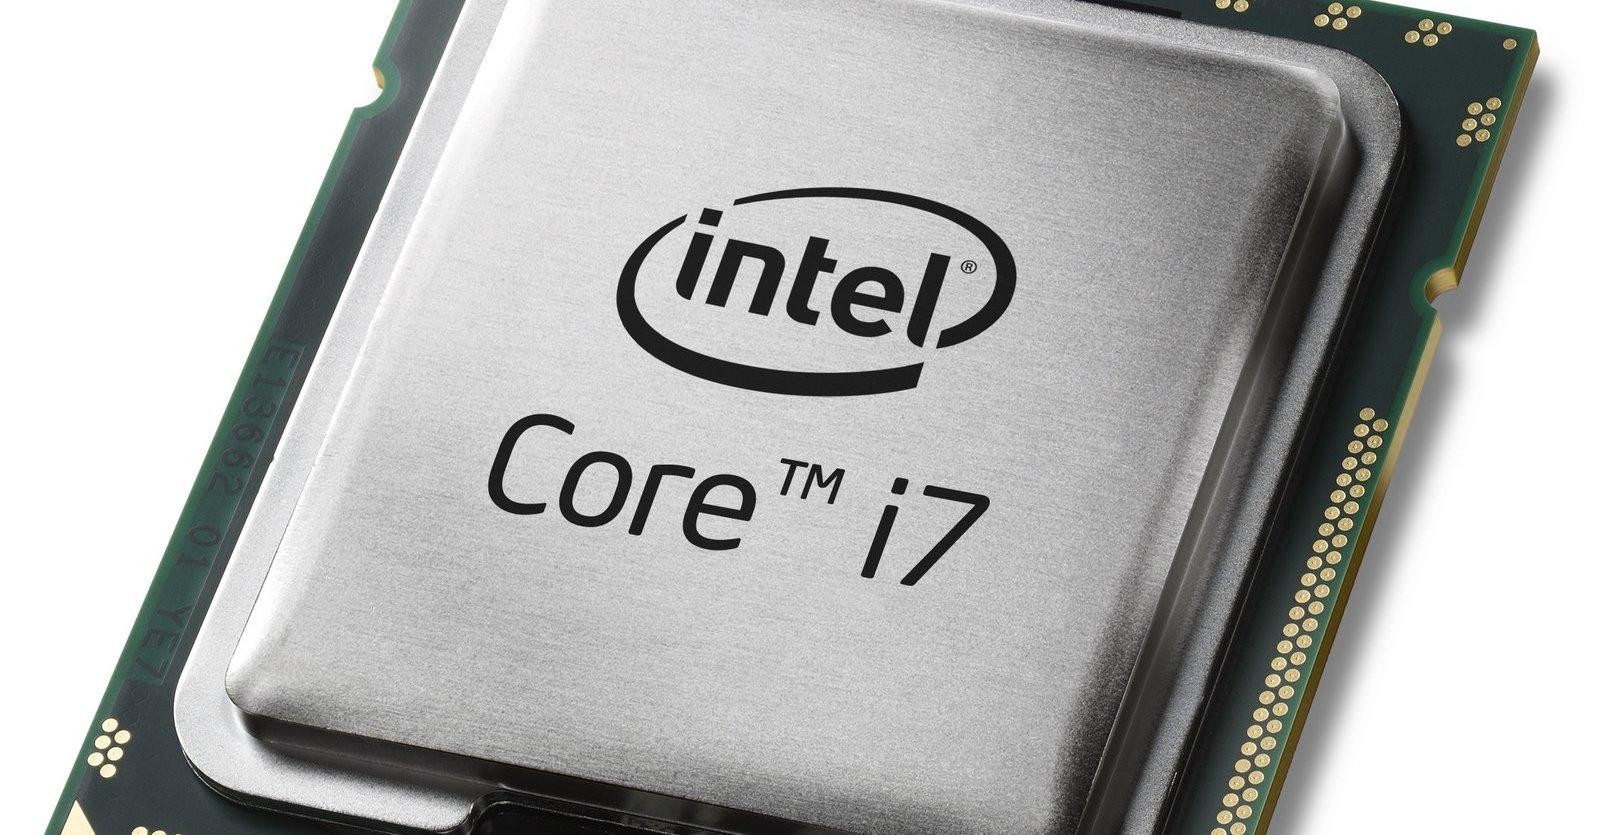 I andre kvartal neste år kommer de nye i7 og 5-CPUene fra Intel med minst 10 prosent bedre CPU-ytelse og dobbel GPU-hastighet.